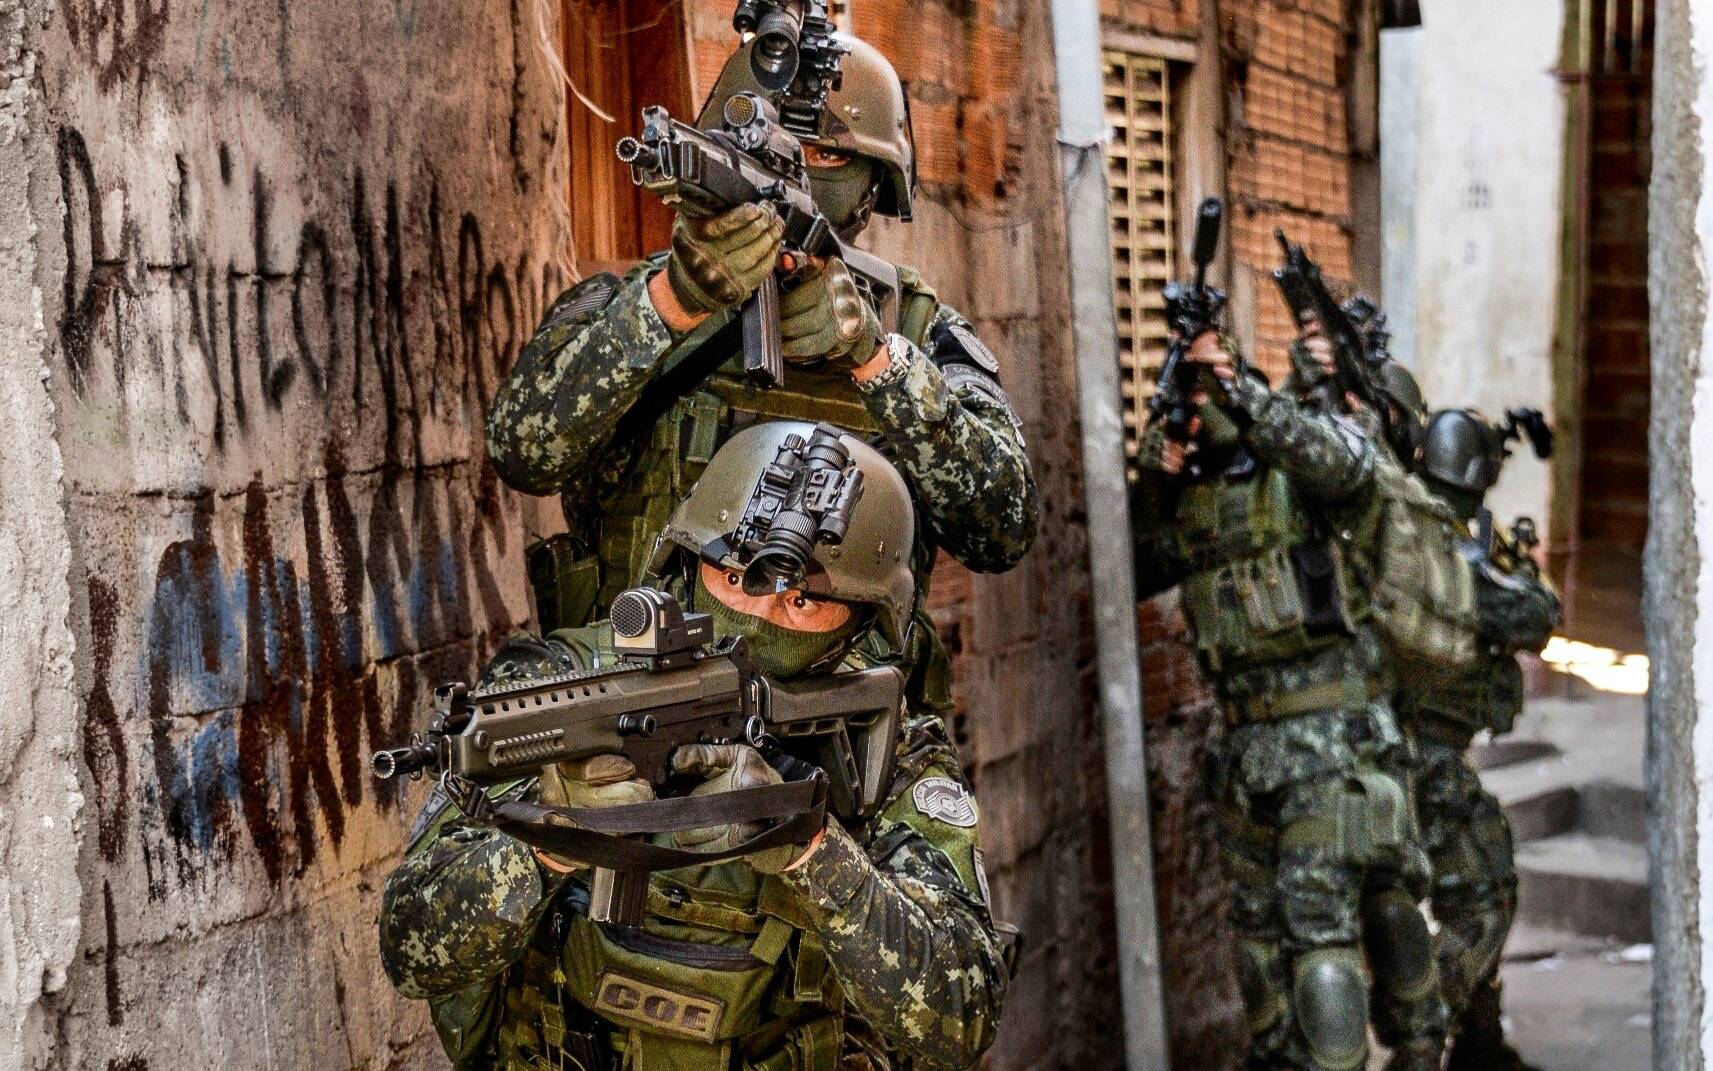 Operadores do COE em missão urbana de combate ao tráfico de drogas e armas numa comunidade. Foto: Major PM Luis Augusto Pacheco Ambar